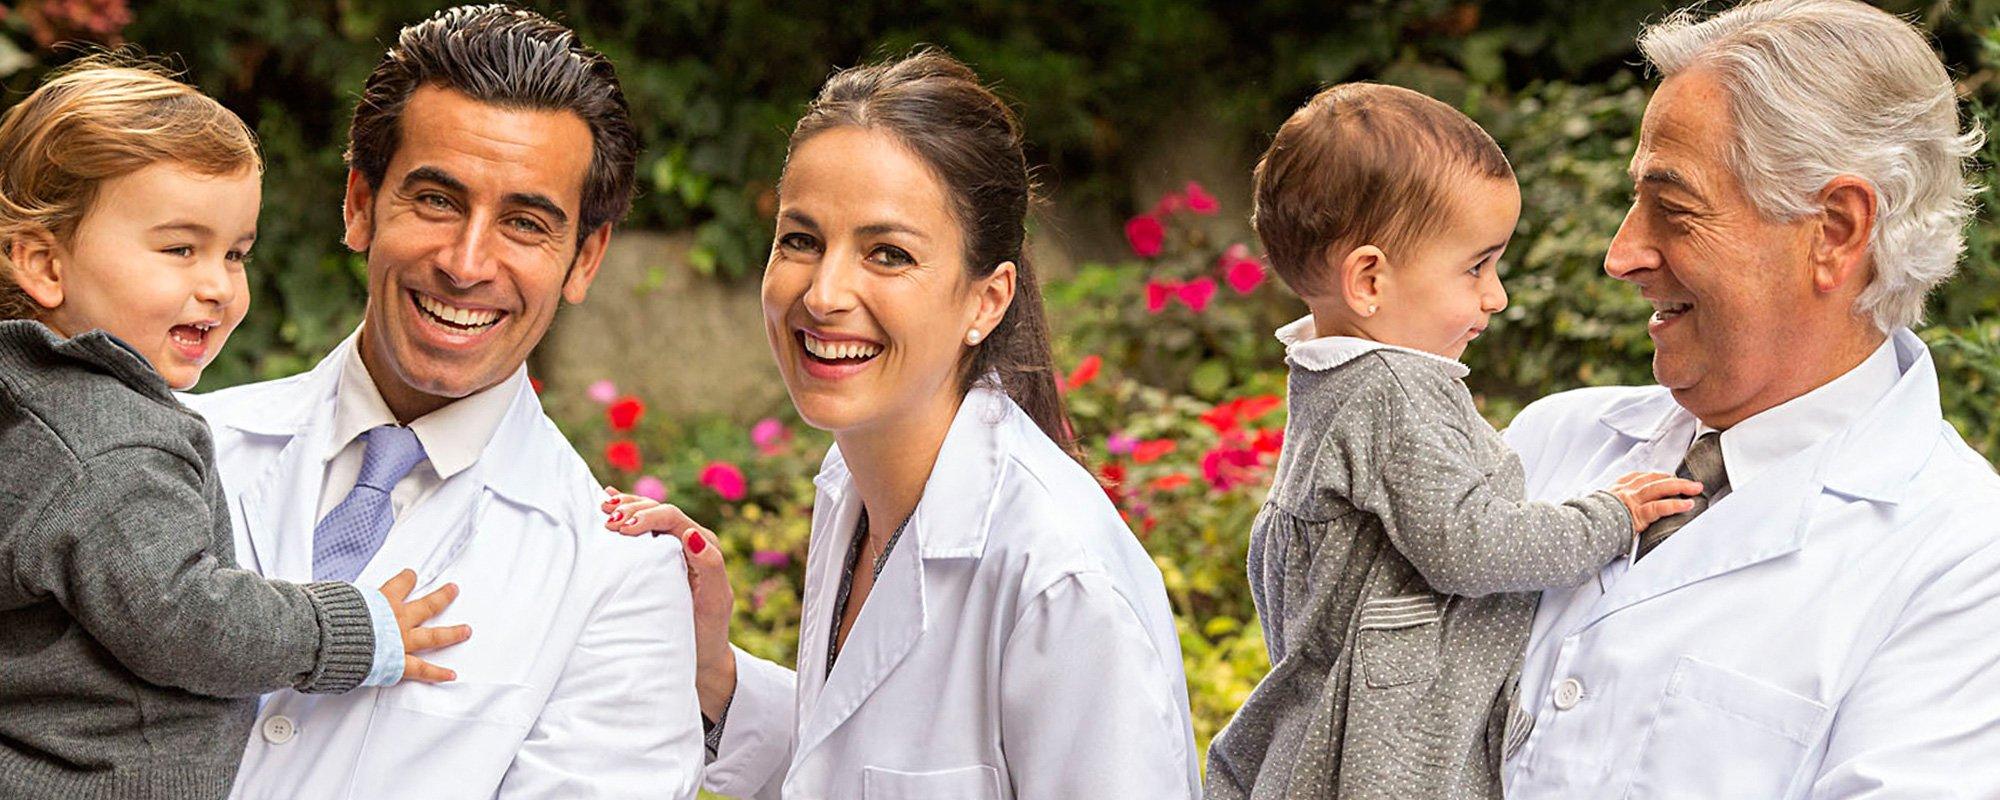 Equipo Anfruns niños clínica dental anfruns